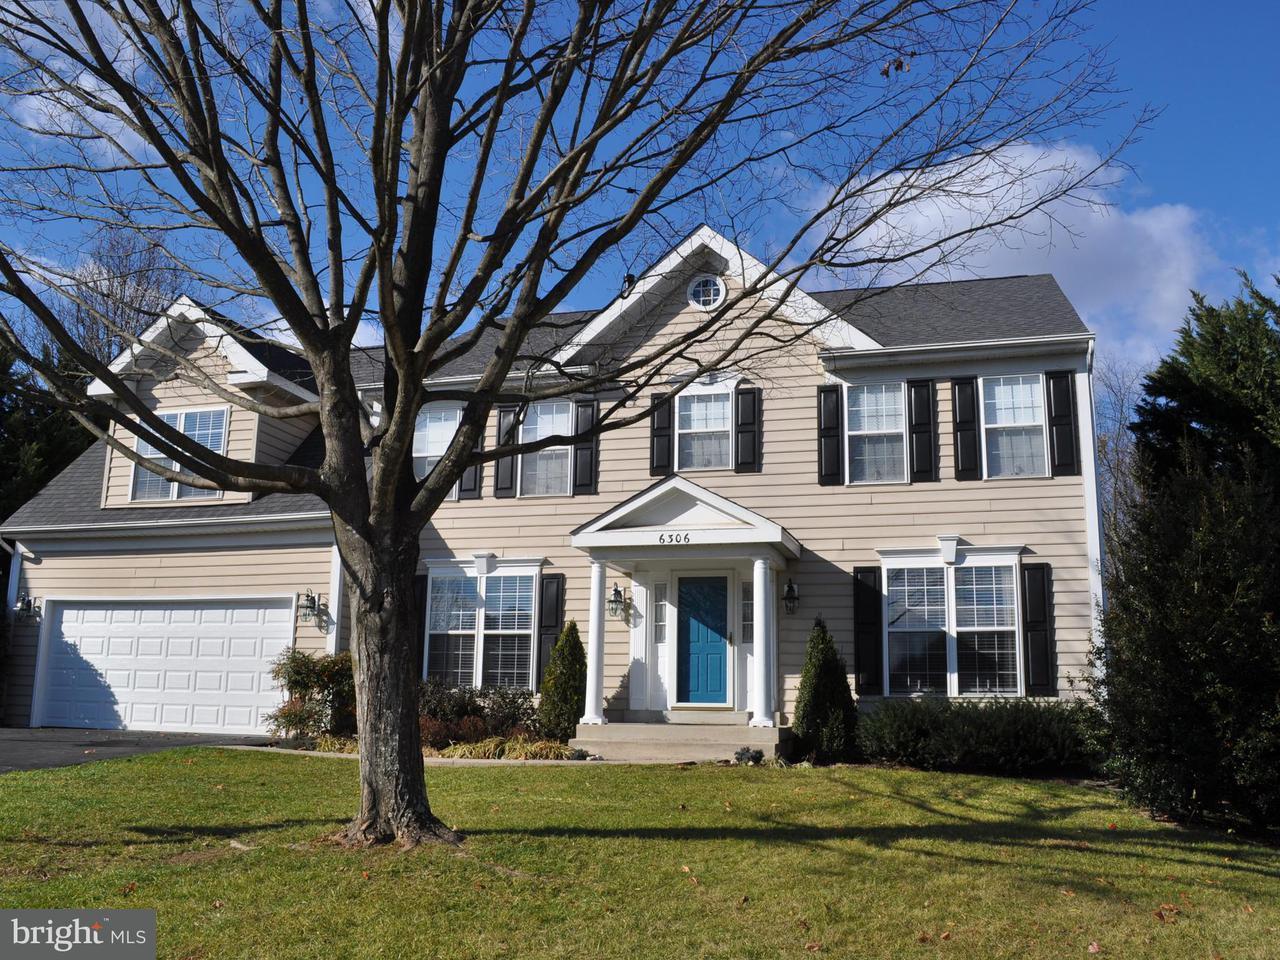 Einfamilienhaus für Verkauf beim 6306 HAWKINS CT N 6306 HAWKINS CT N Frederick, Maryland 21701 Vereinigte Staaten